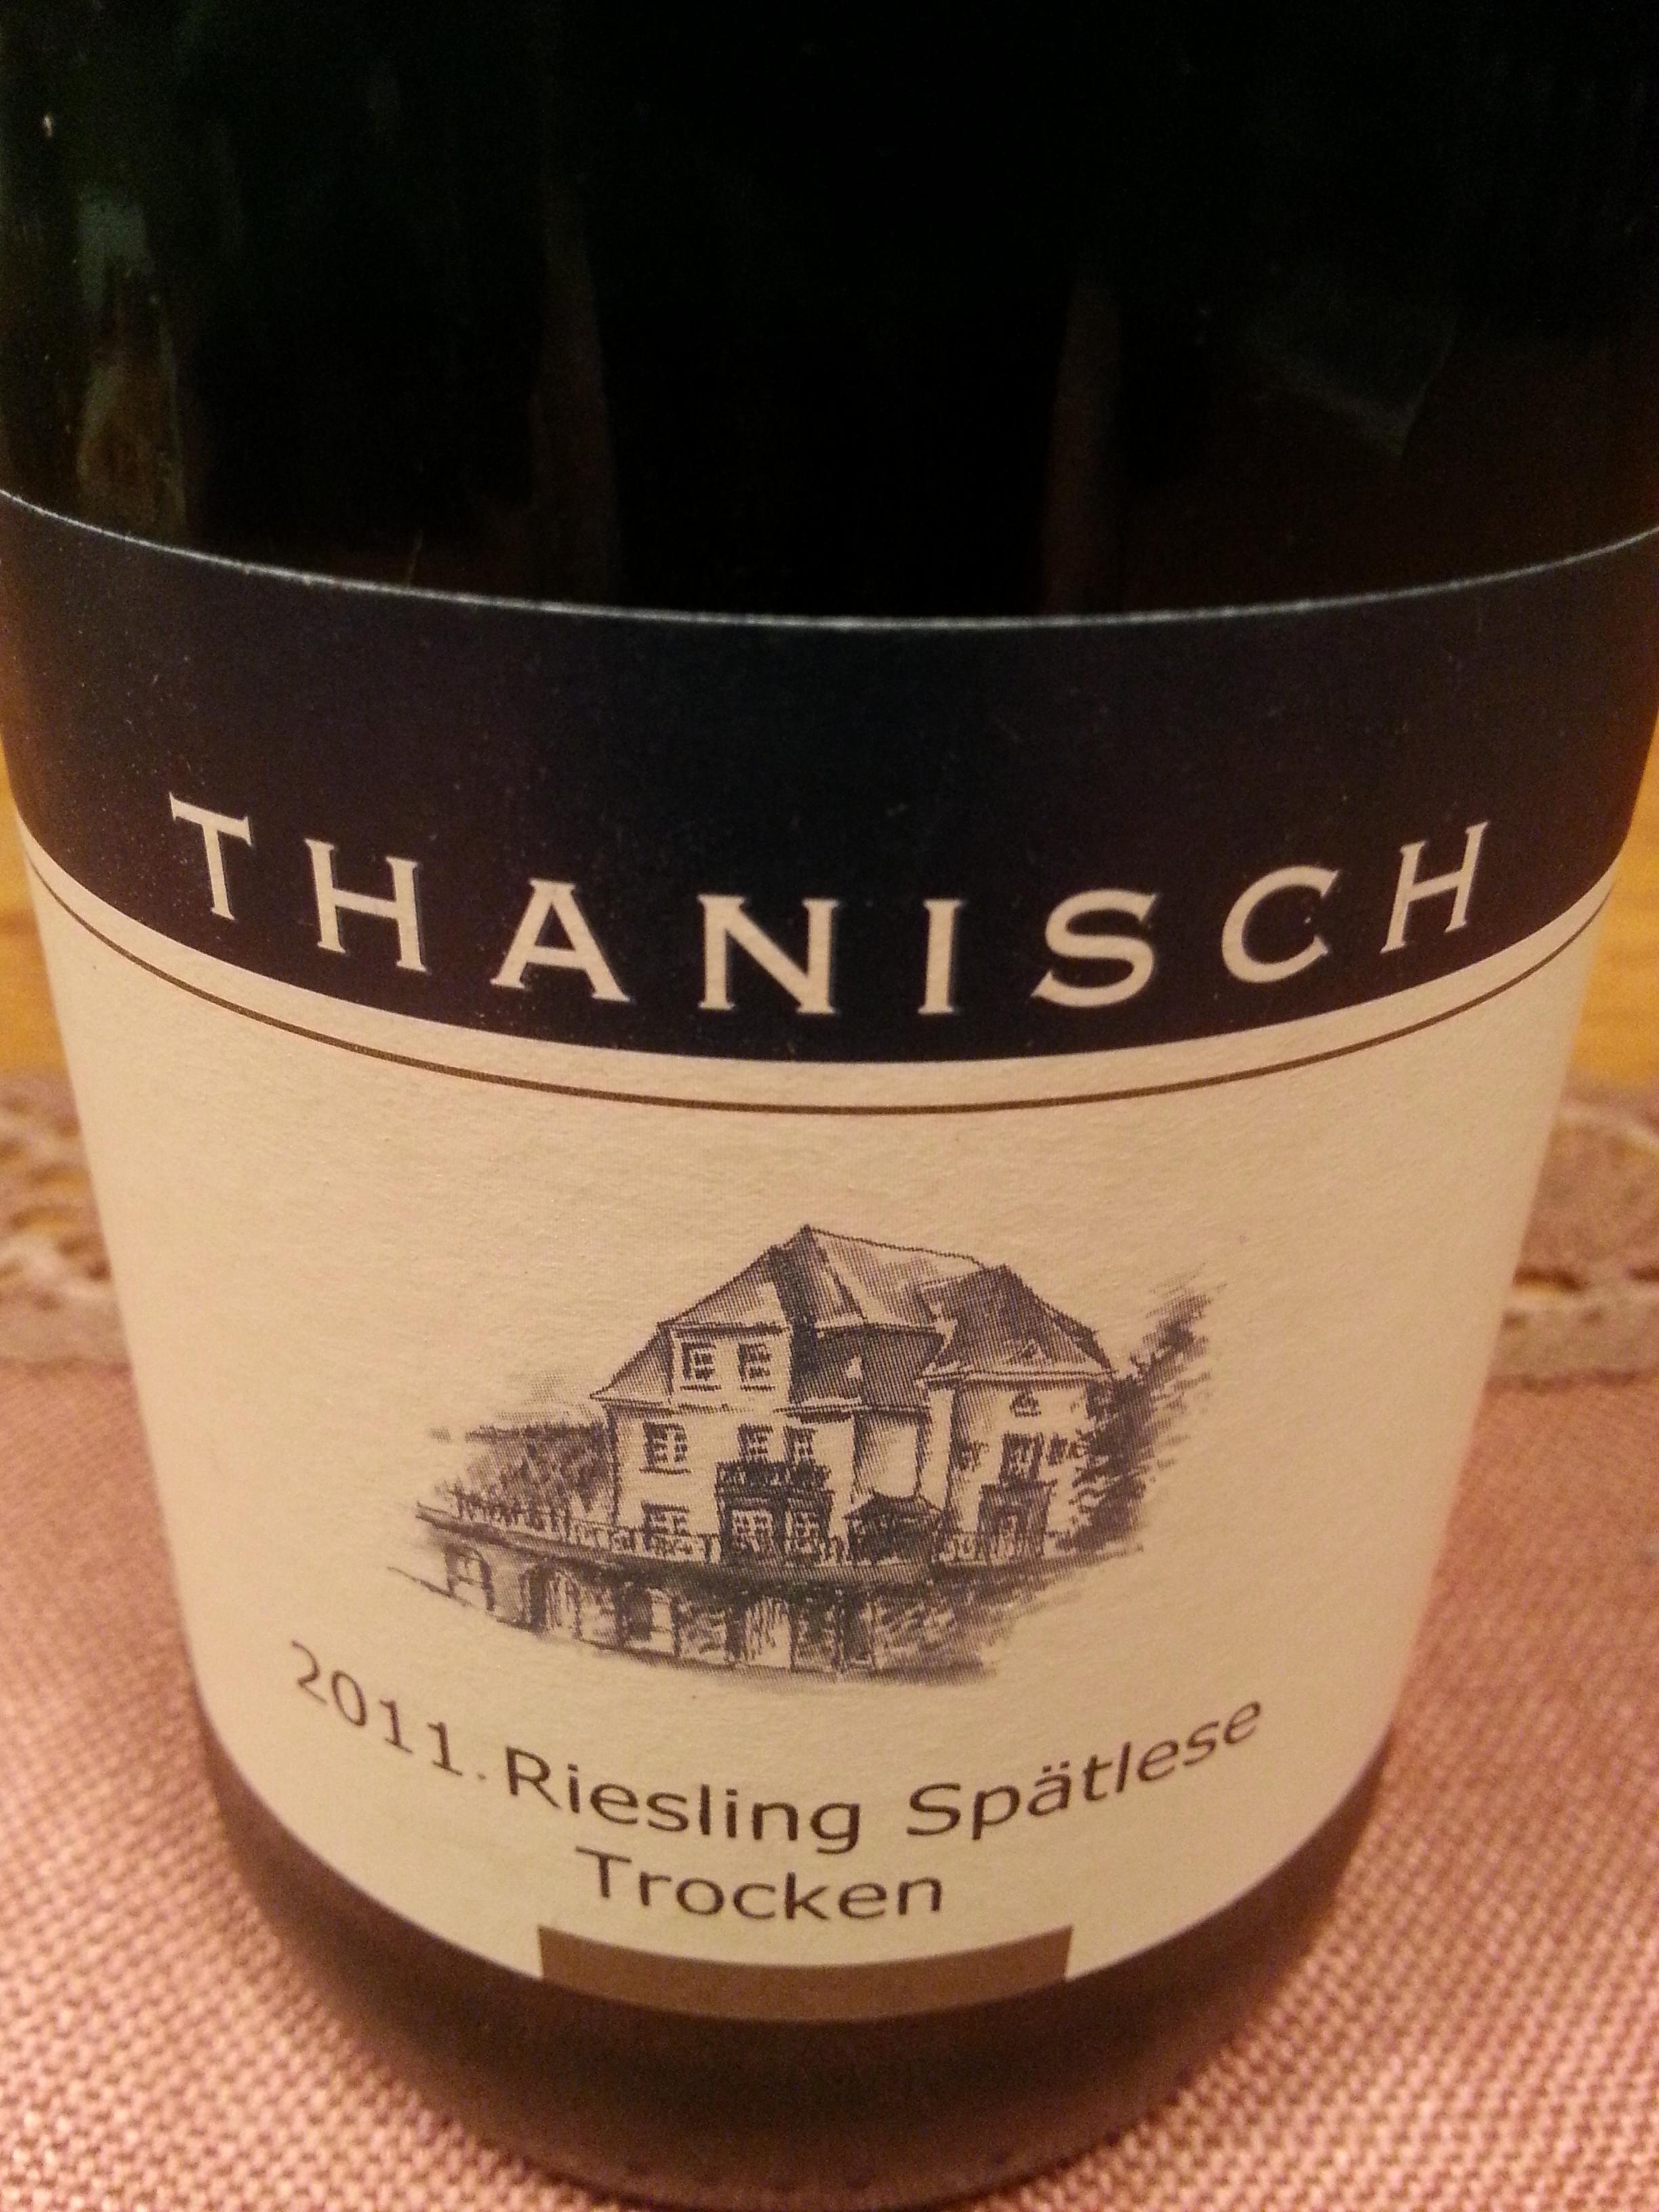 2011 Riesling Spätlese trocken | Thanisch